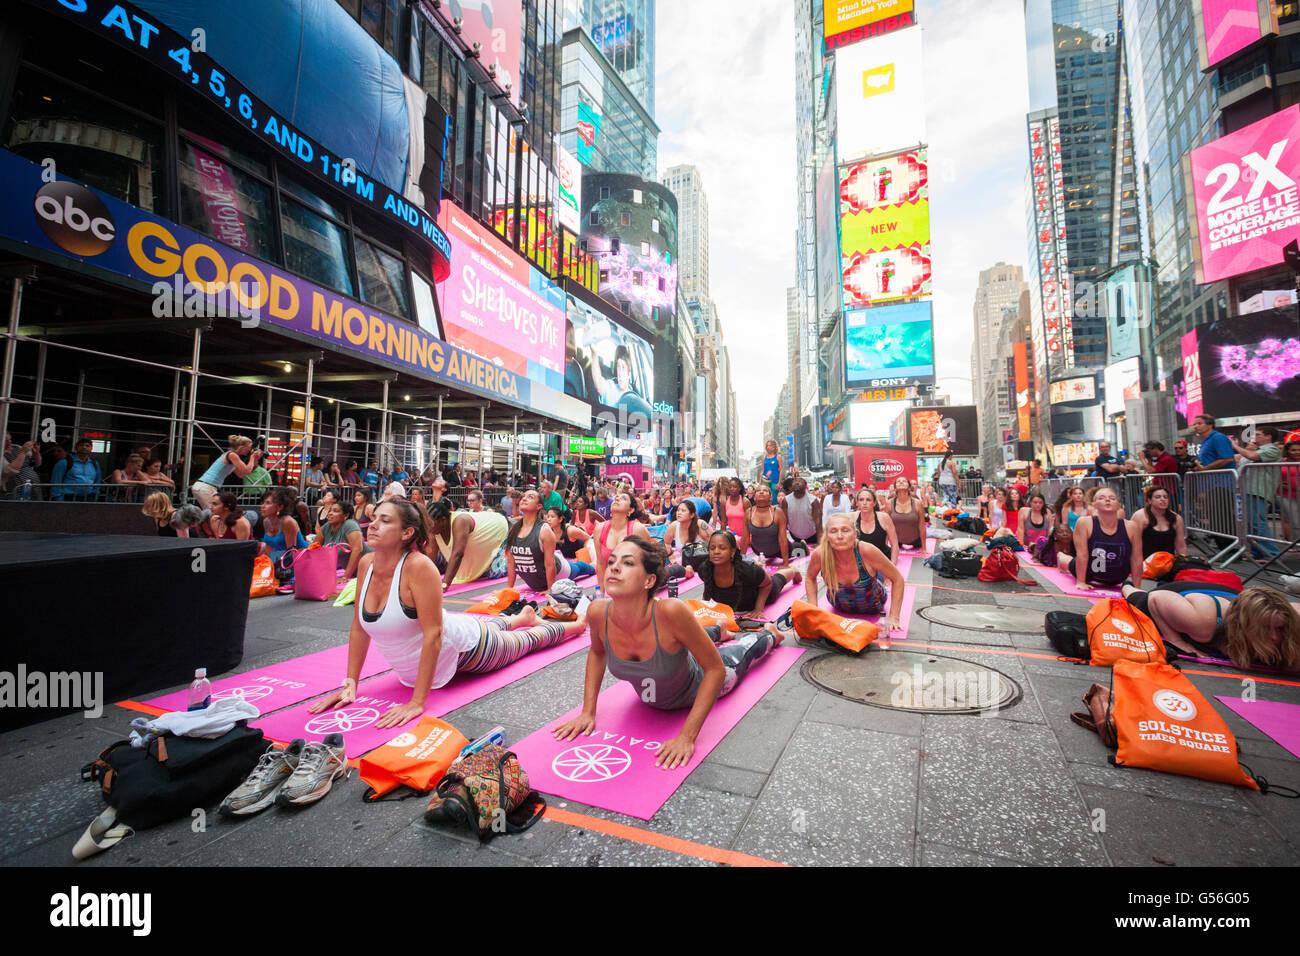 Nueva York, Estados Unidos. 20 de junio de 2016. Miles de practicantes de yoga pack Times Square en Nueva York a Imagen De Stock